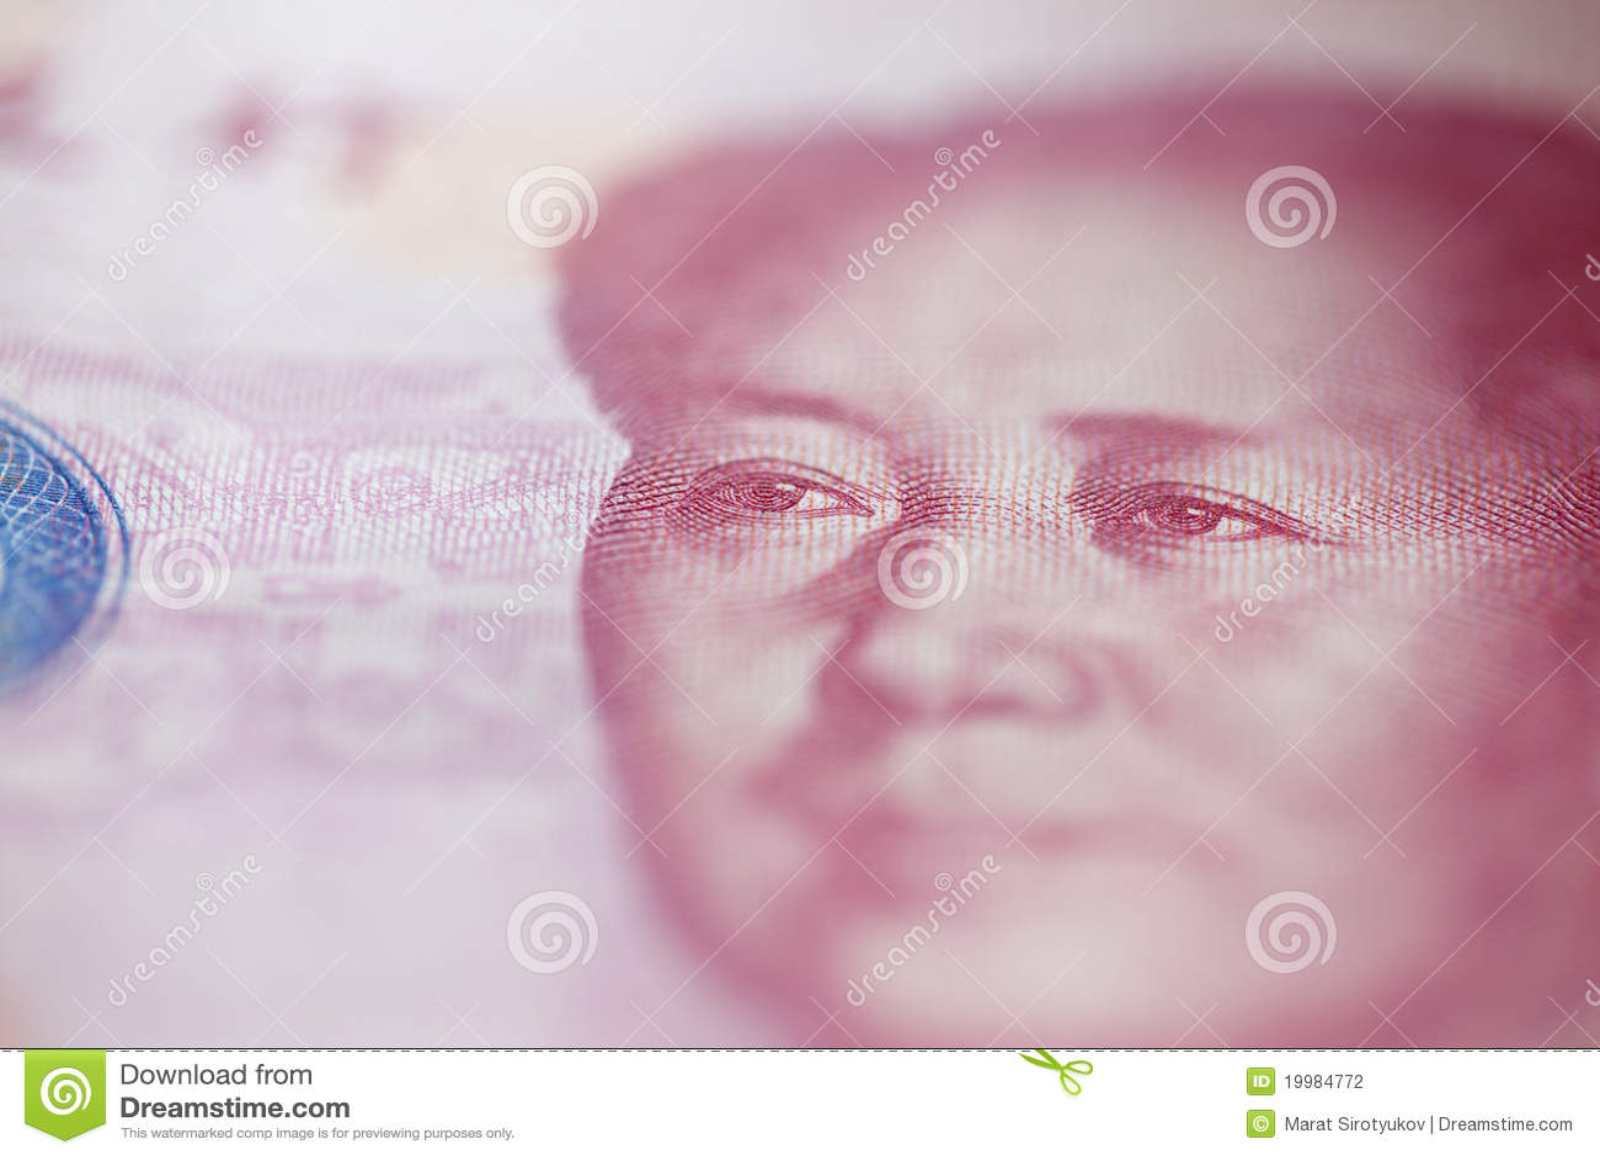 Billet de banque de <b>yuan du</b> fron cent de Mao - billet-de-banque-de-yuan-du-fron-cent-de-mao-19984772